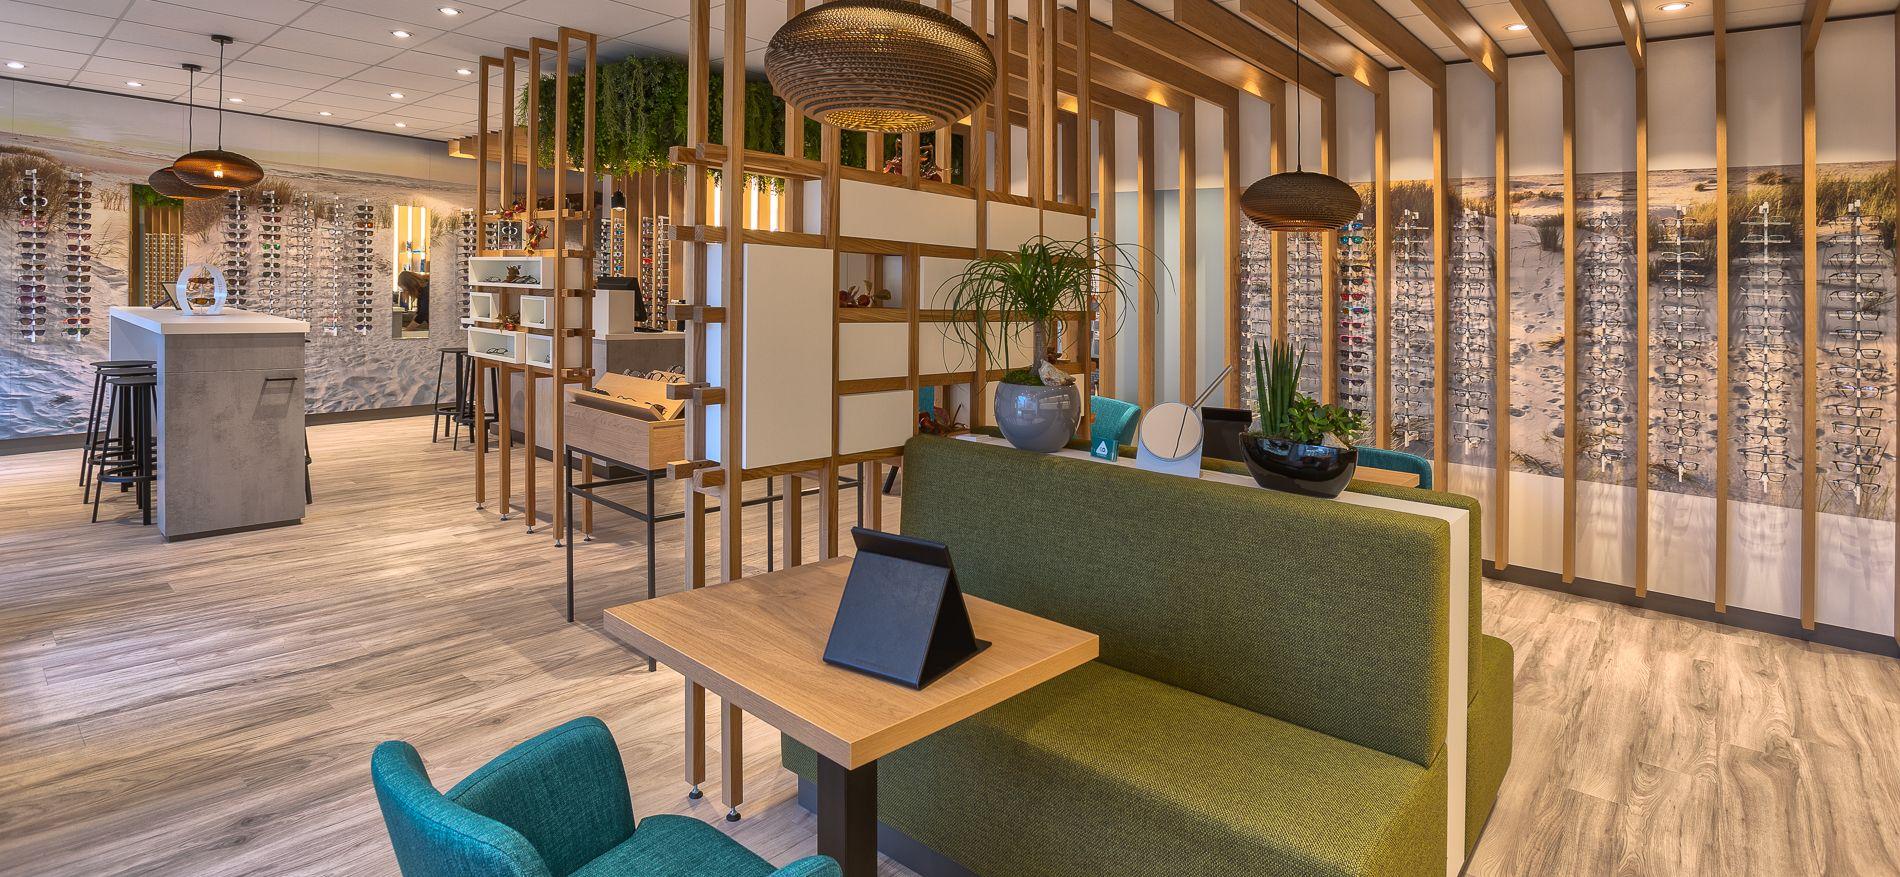 Geider Optik Wsb 1 Website 16 Winkel Interieur Woonwinkel Interieur